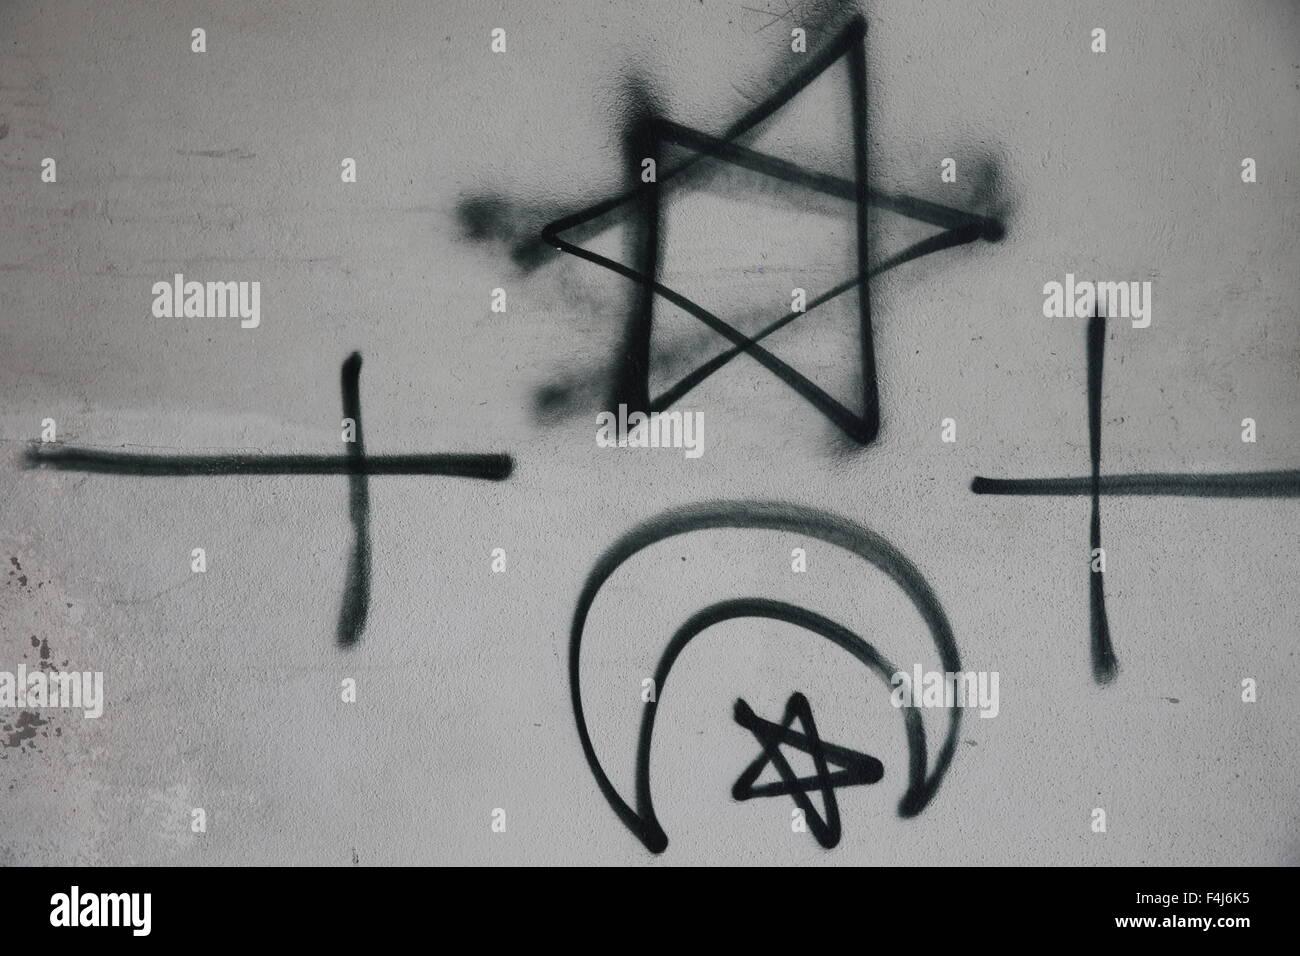 Simboli religiosi contrassegnate su una parete, Montrouge, Hauts-de-Seine, Francia, Europa Immagini Stock